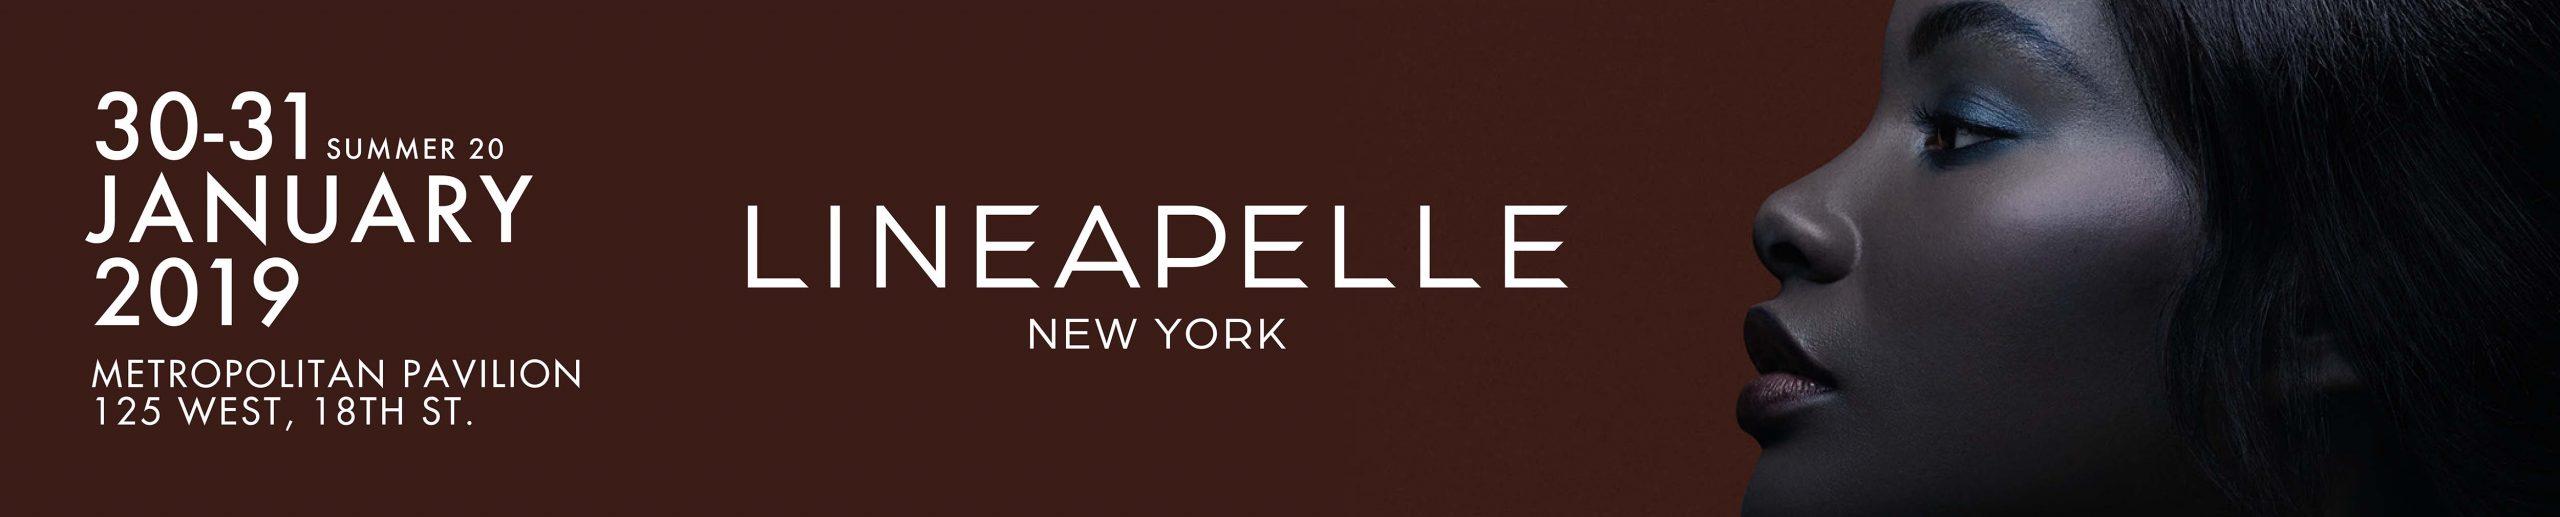 Lineapelle-New-York-2019